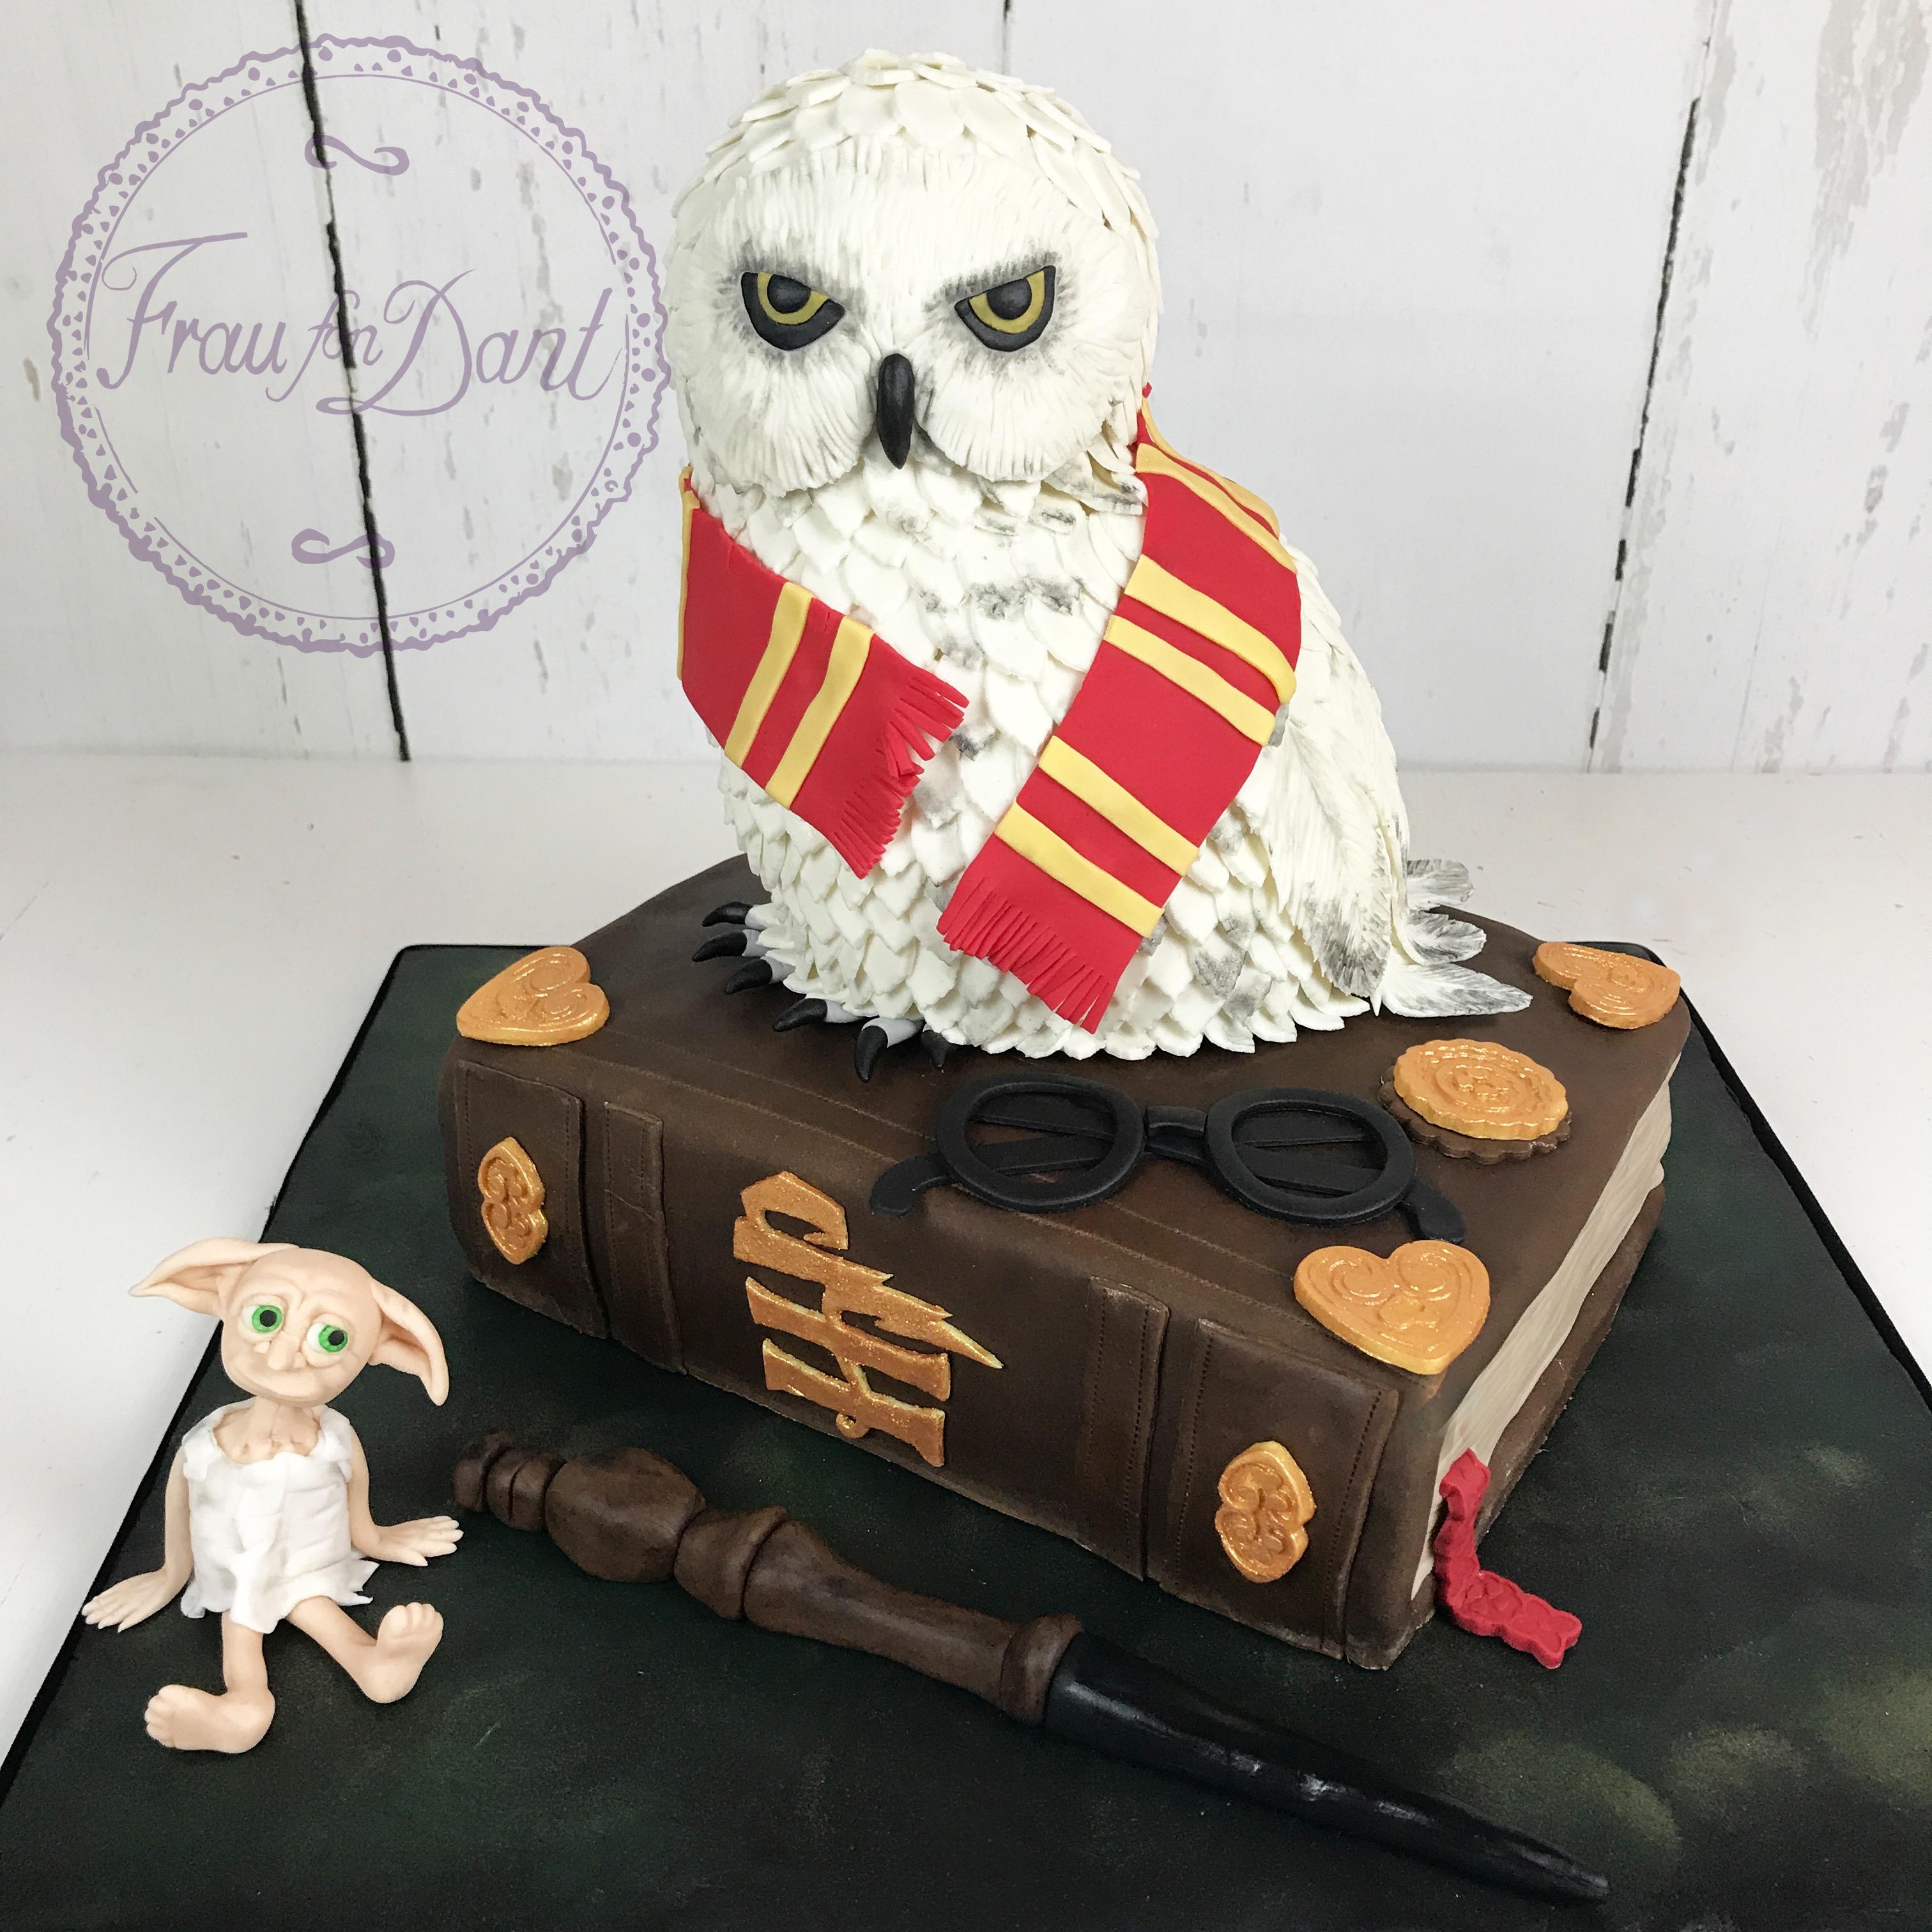 Harry Potter Torte Frau Fon Dant